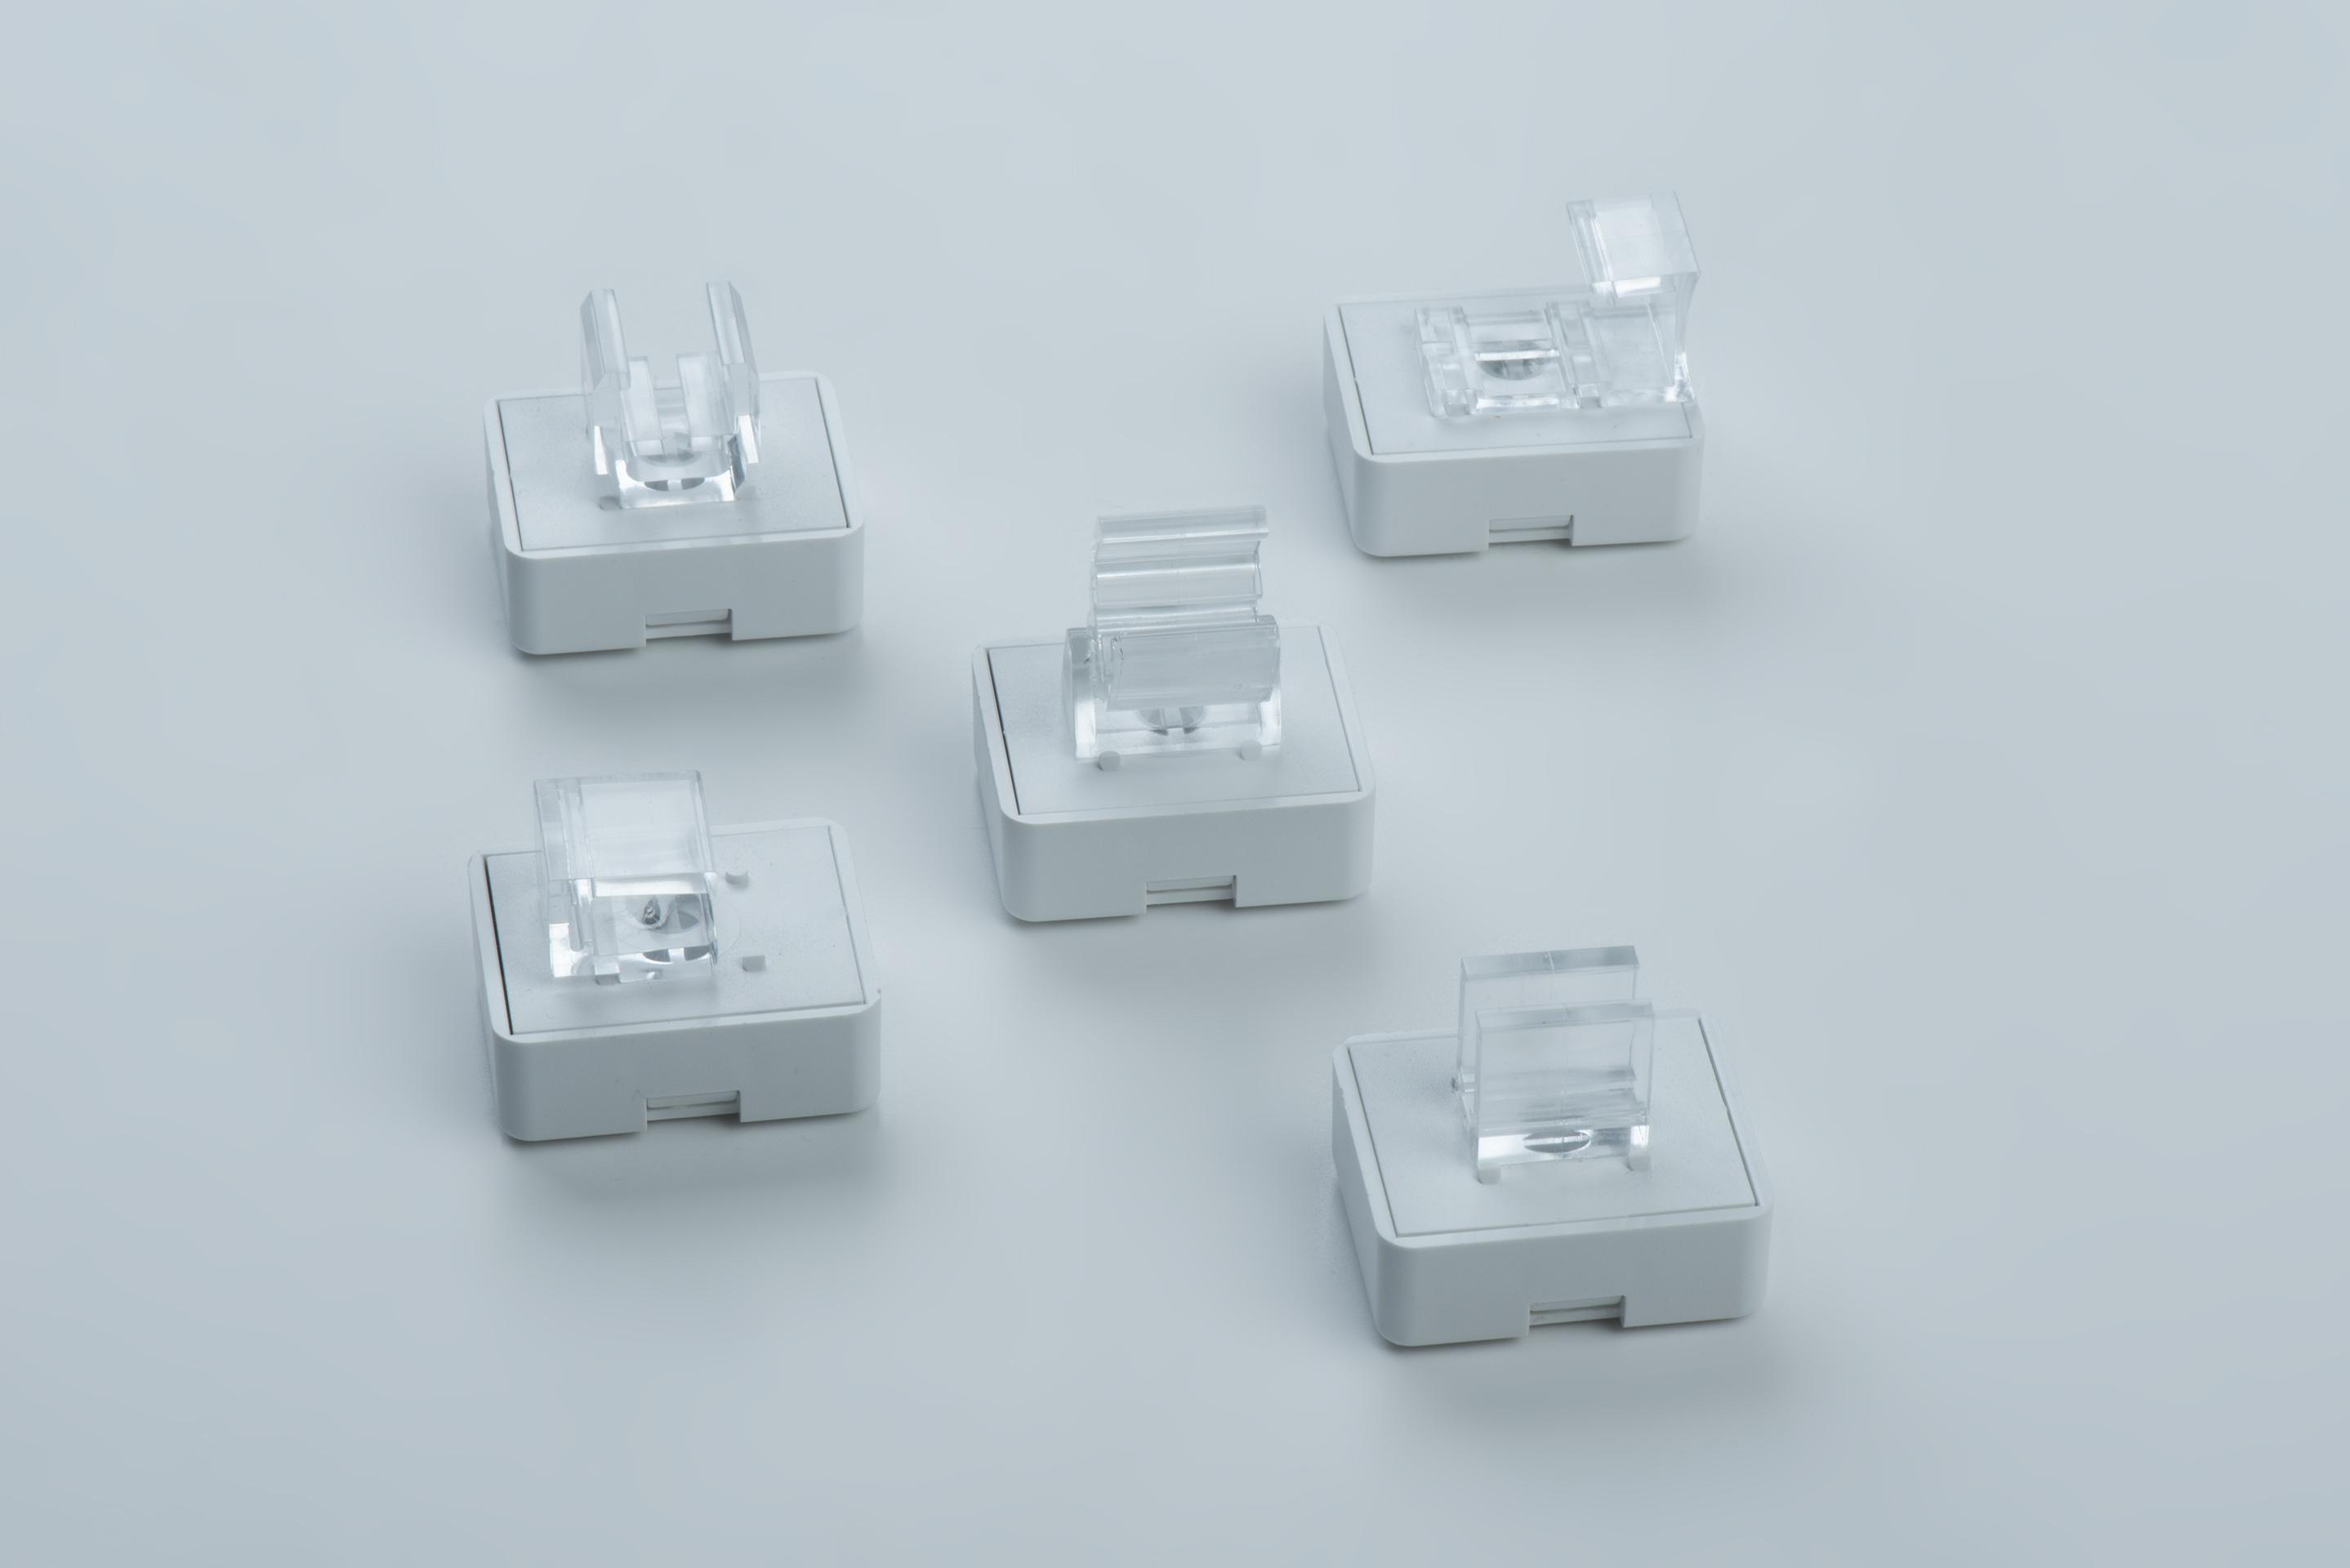 Magnethalterung für Plakatrahmen mit verschiedenen Adaptern, thyssenkrupp Magnettechnik